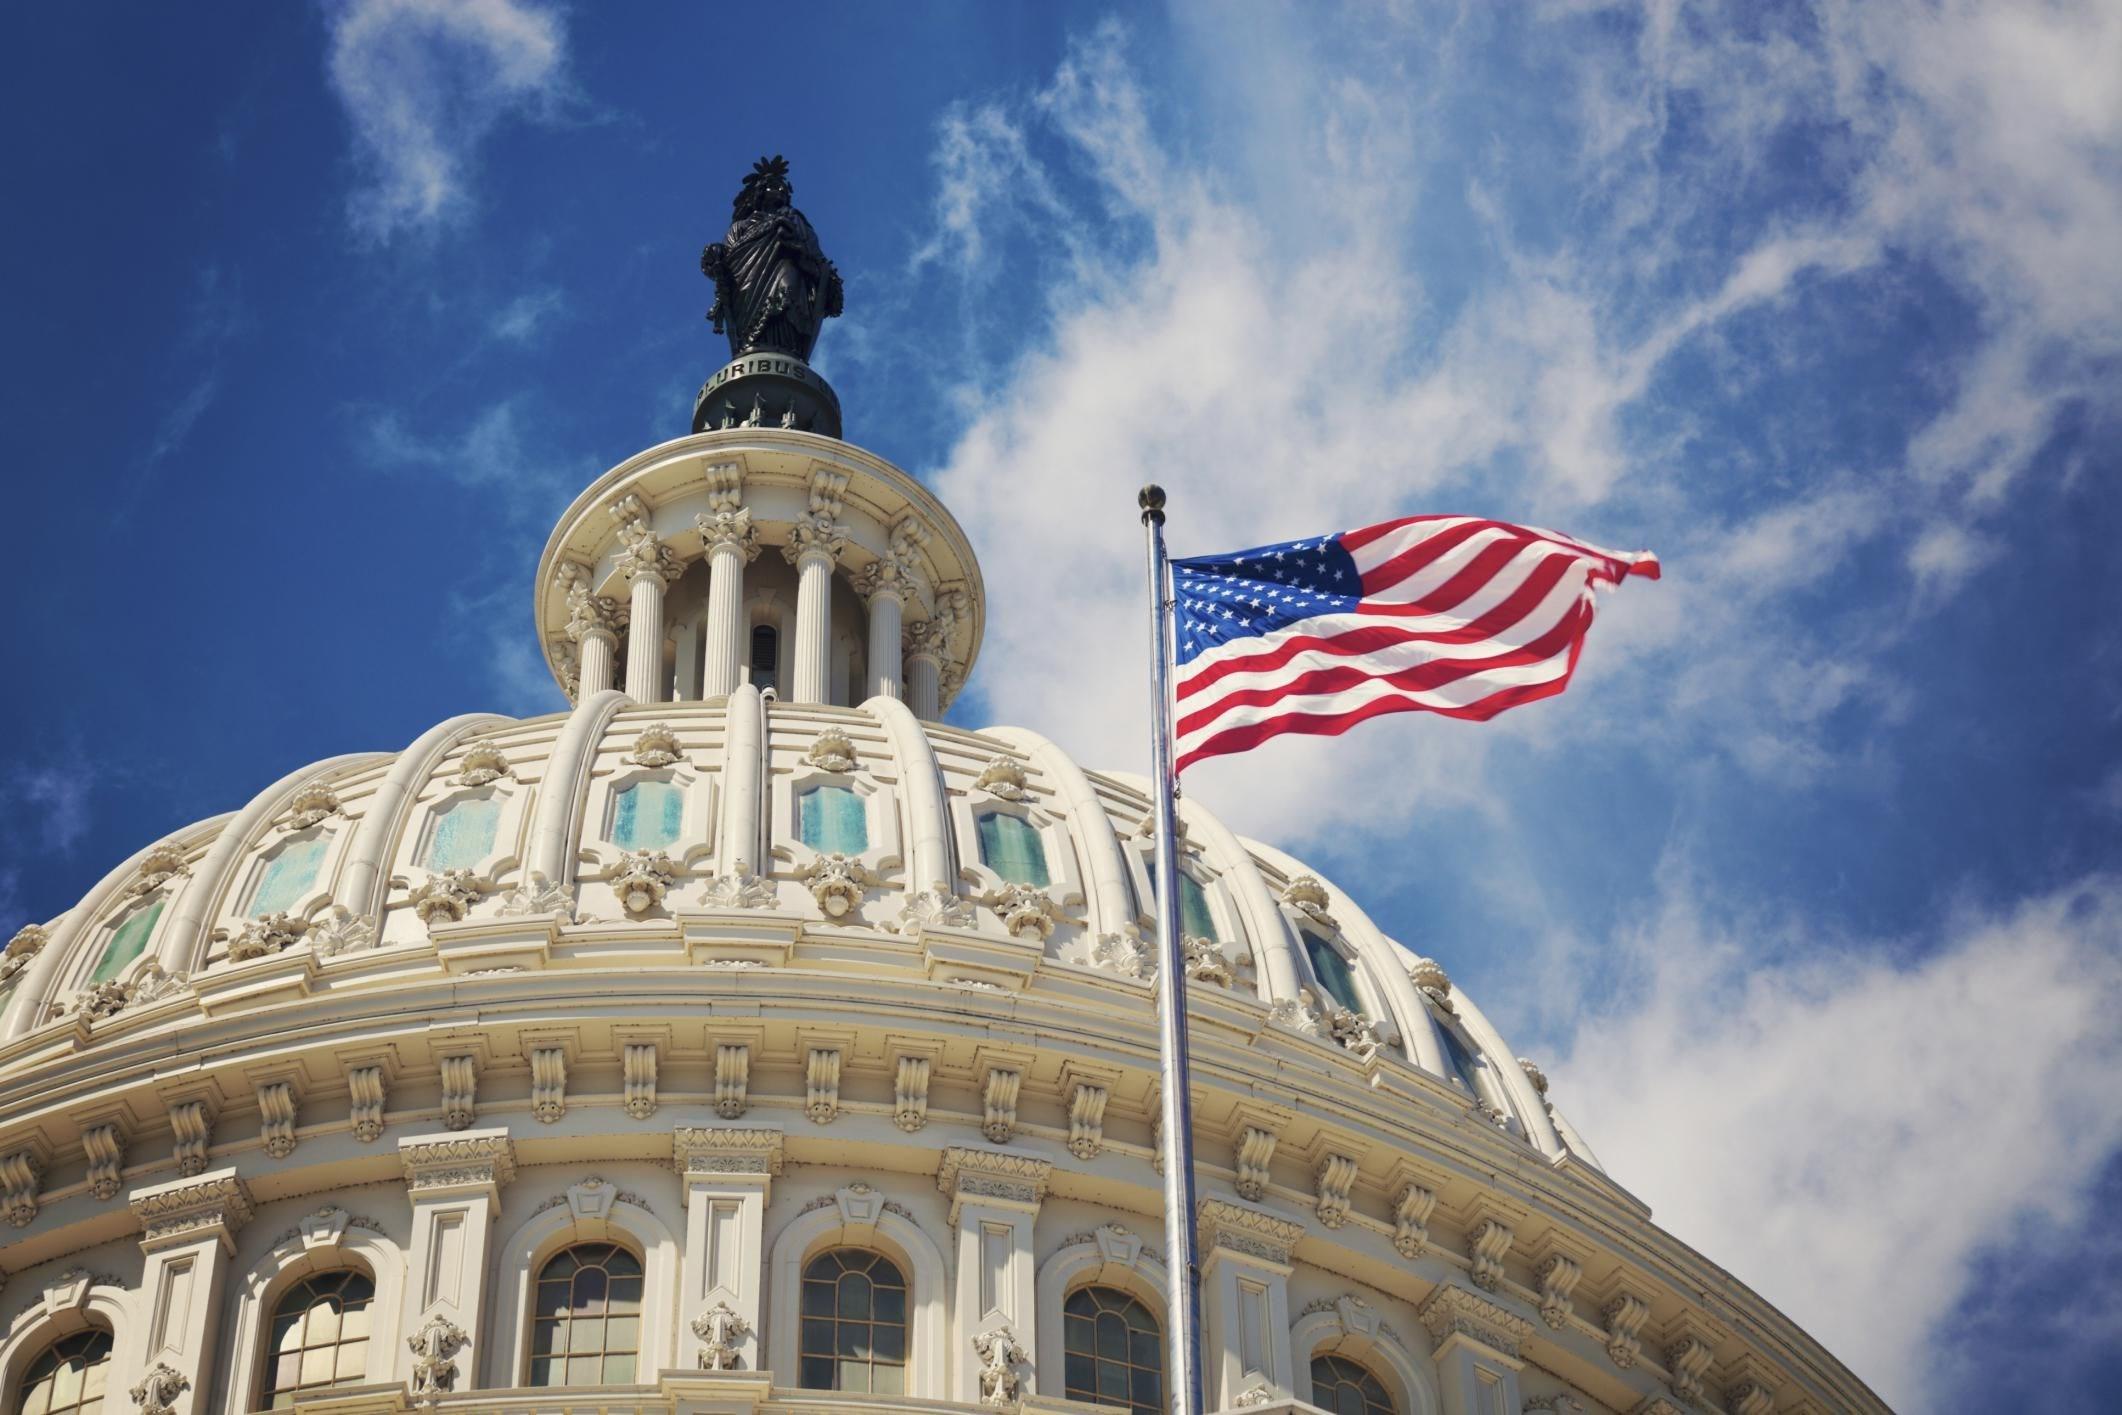 هيمنة أميركا عبر أدواتها المالية.. هل يمكن تعطيلها؟